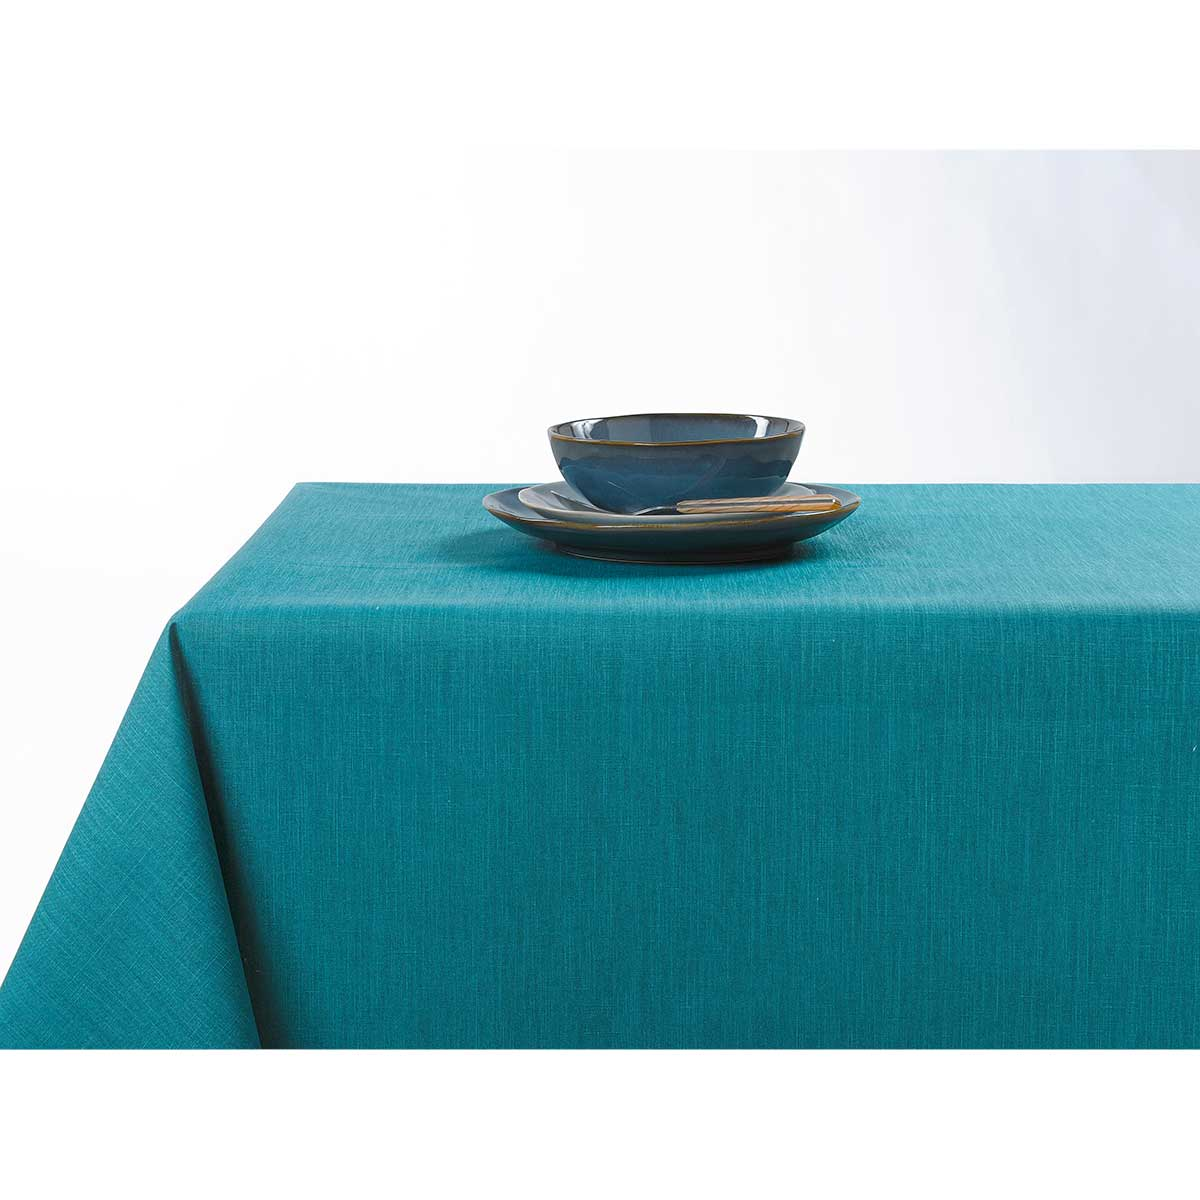 Nappe enduite anti taches aux couleurs acidulées - Canard - 150 x 200 cm